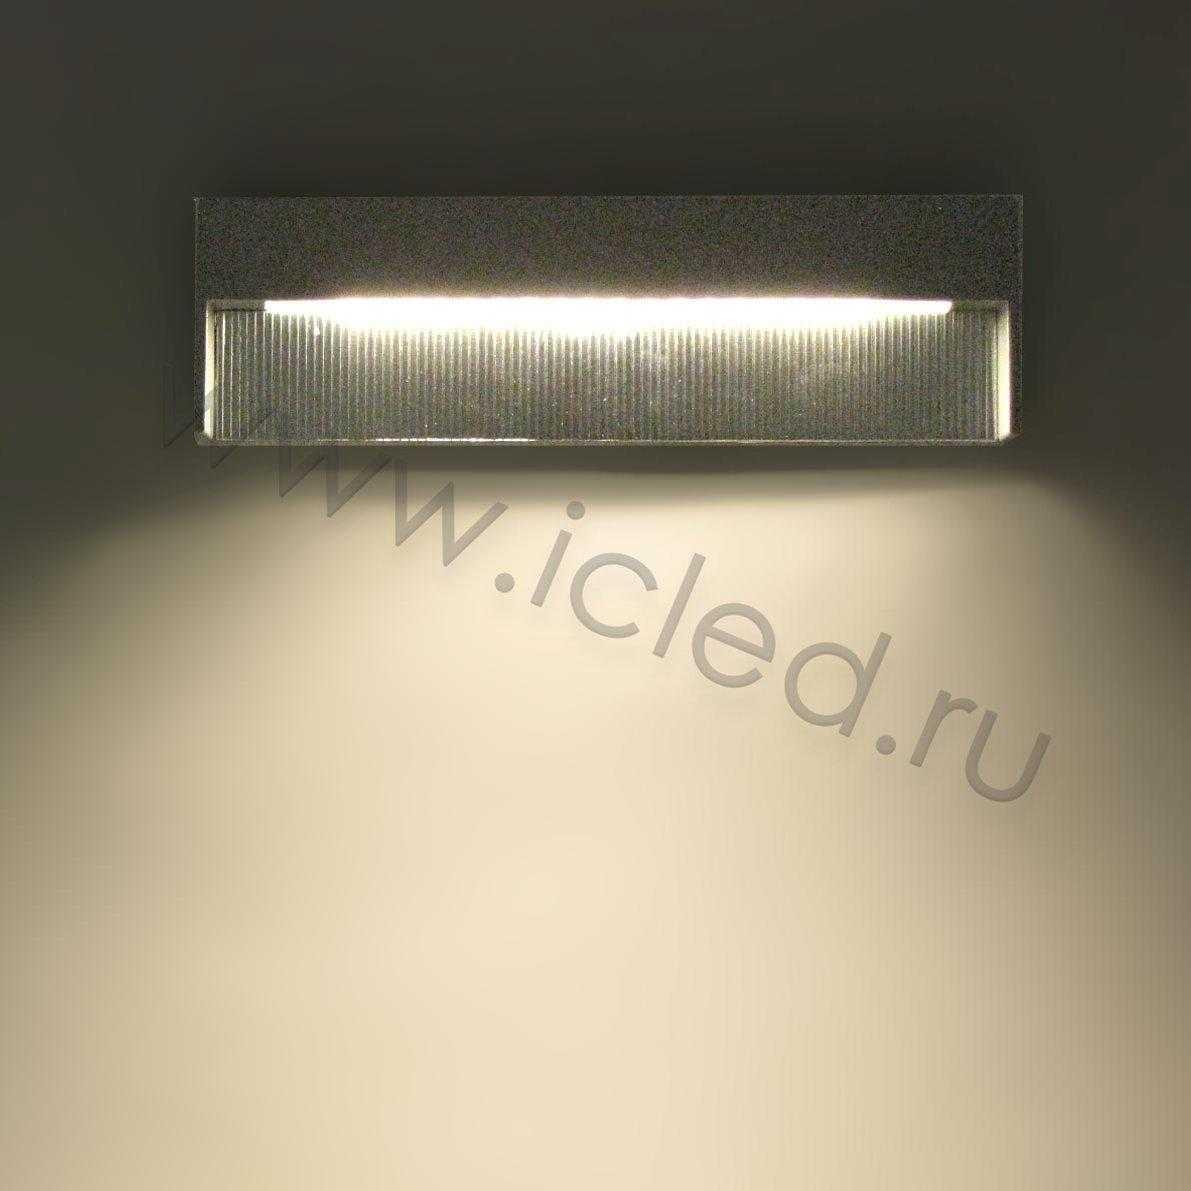 Светодиодный светильник UCR7830 DG, Warm White